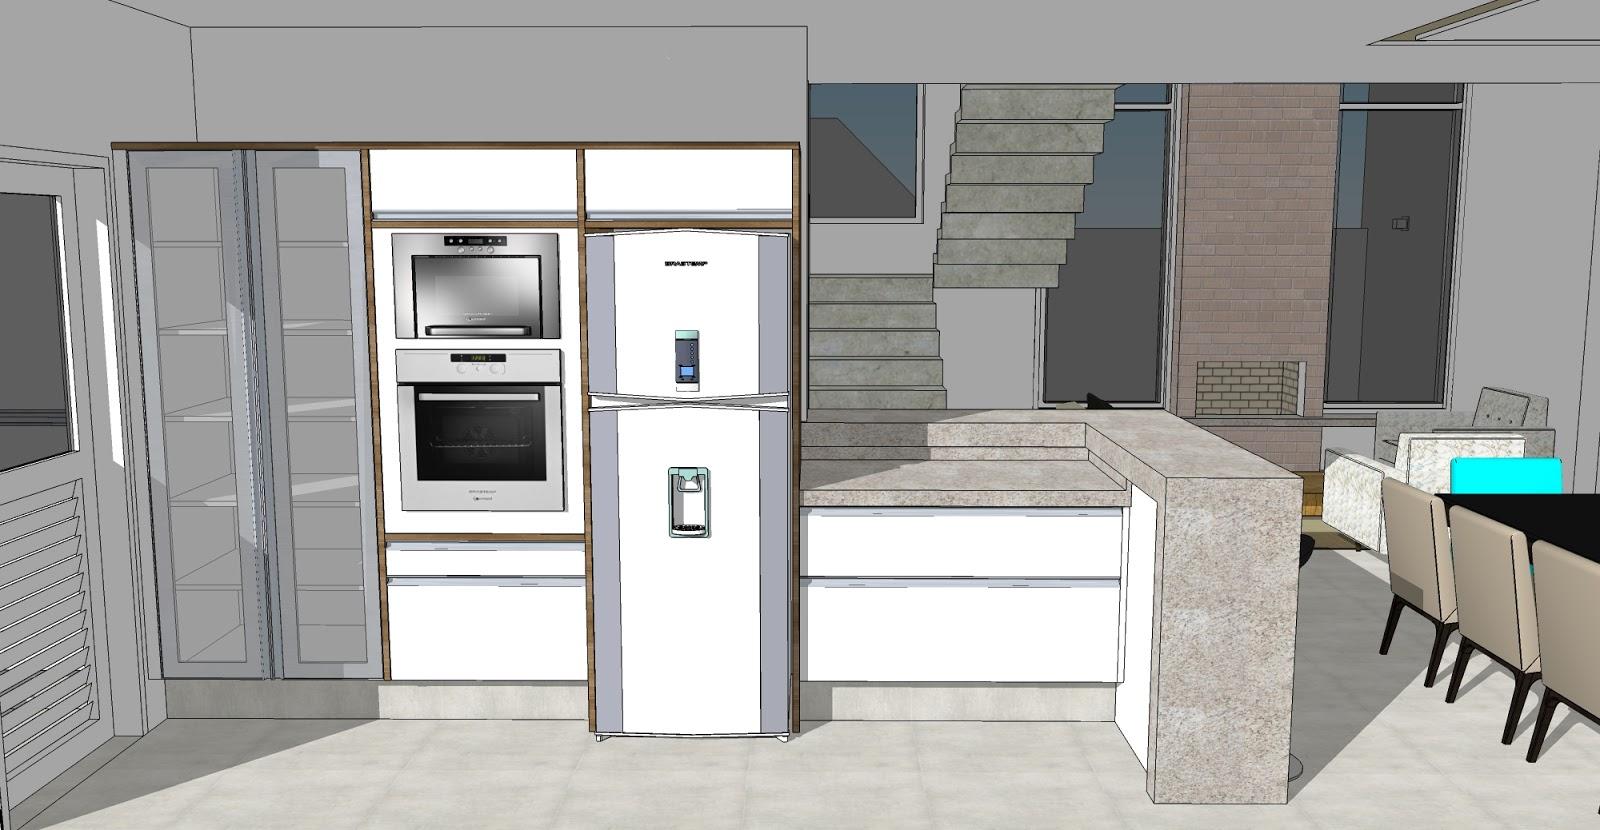 no Swiss Park: Alterações no Projeto de Interiores Cozinha #614E38 1600 830